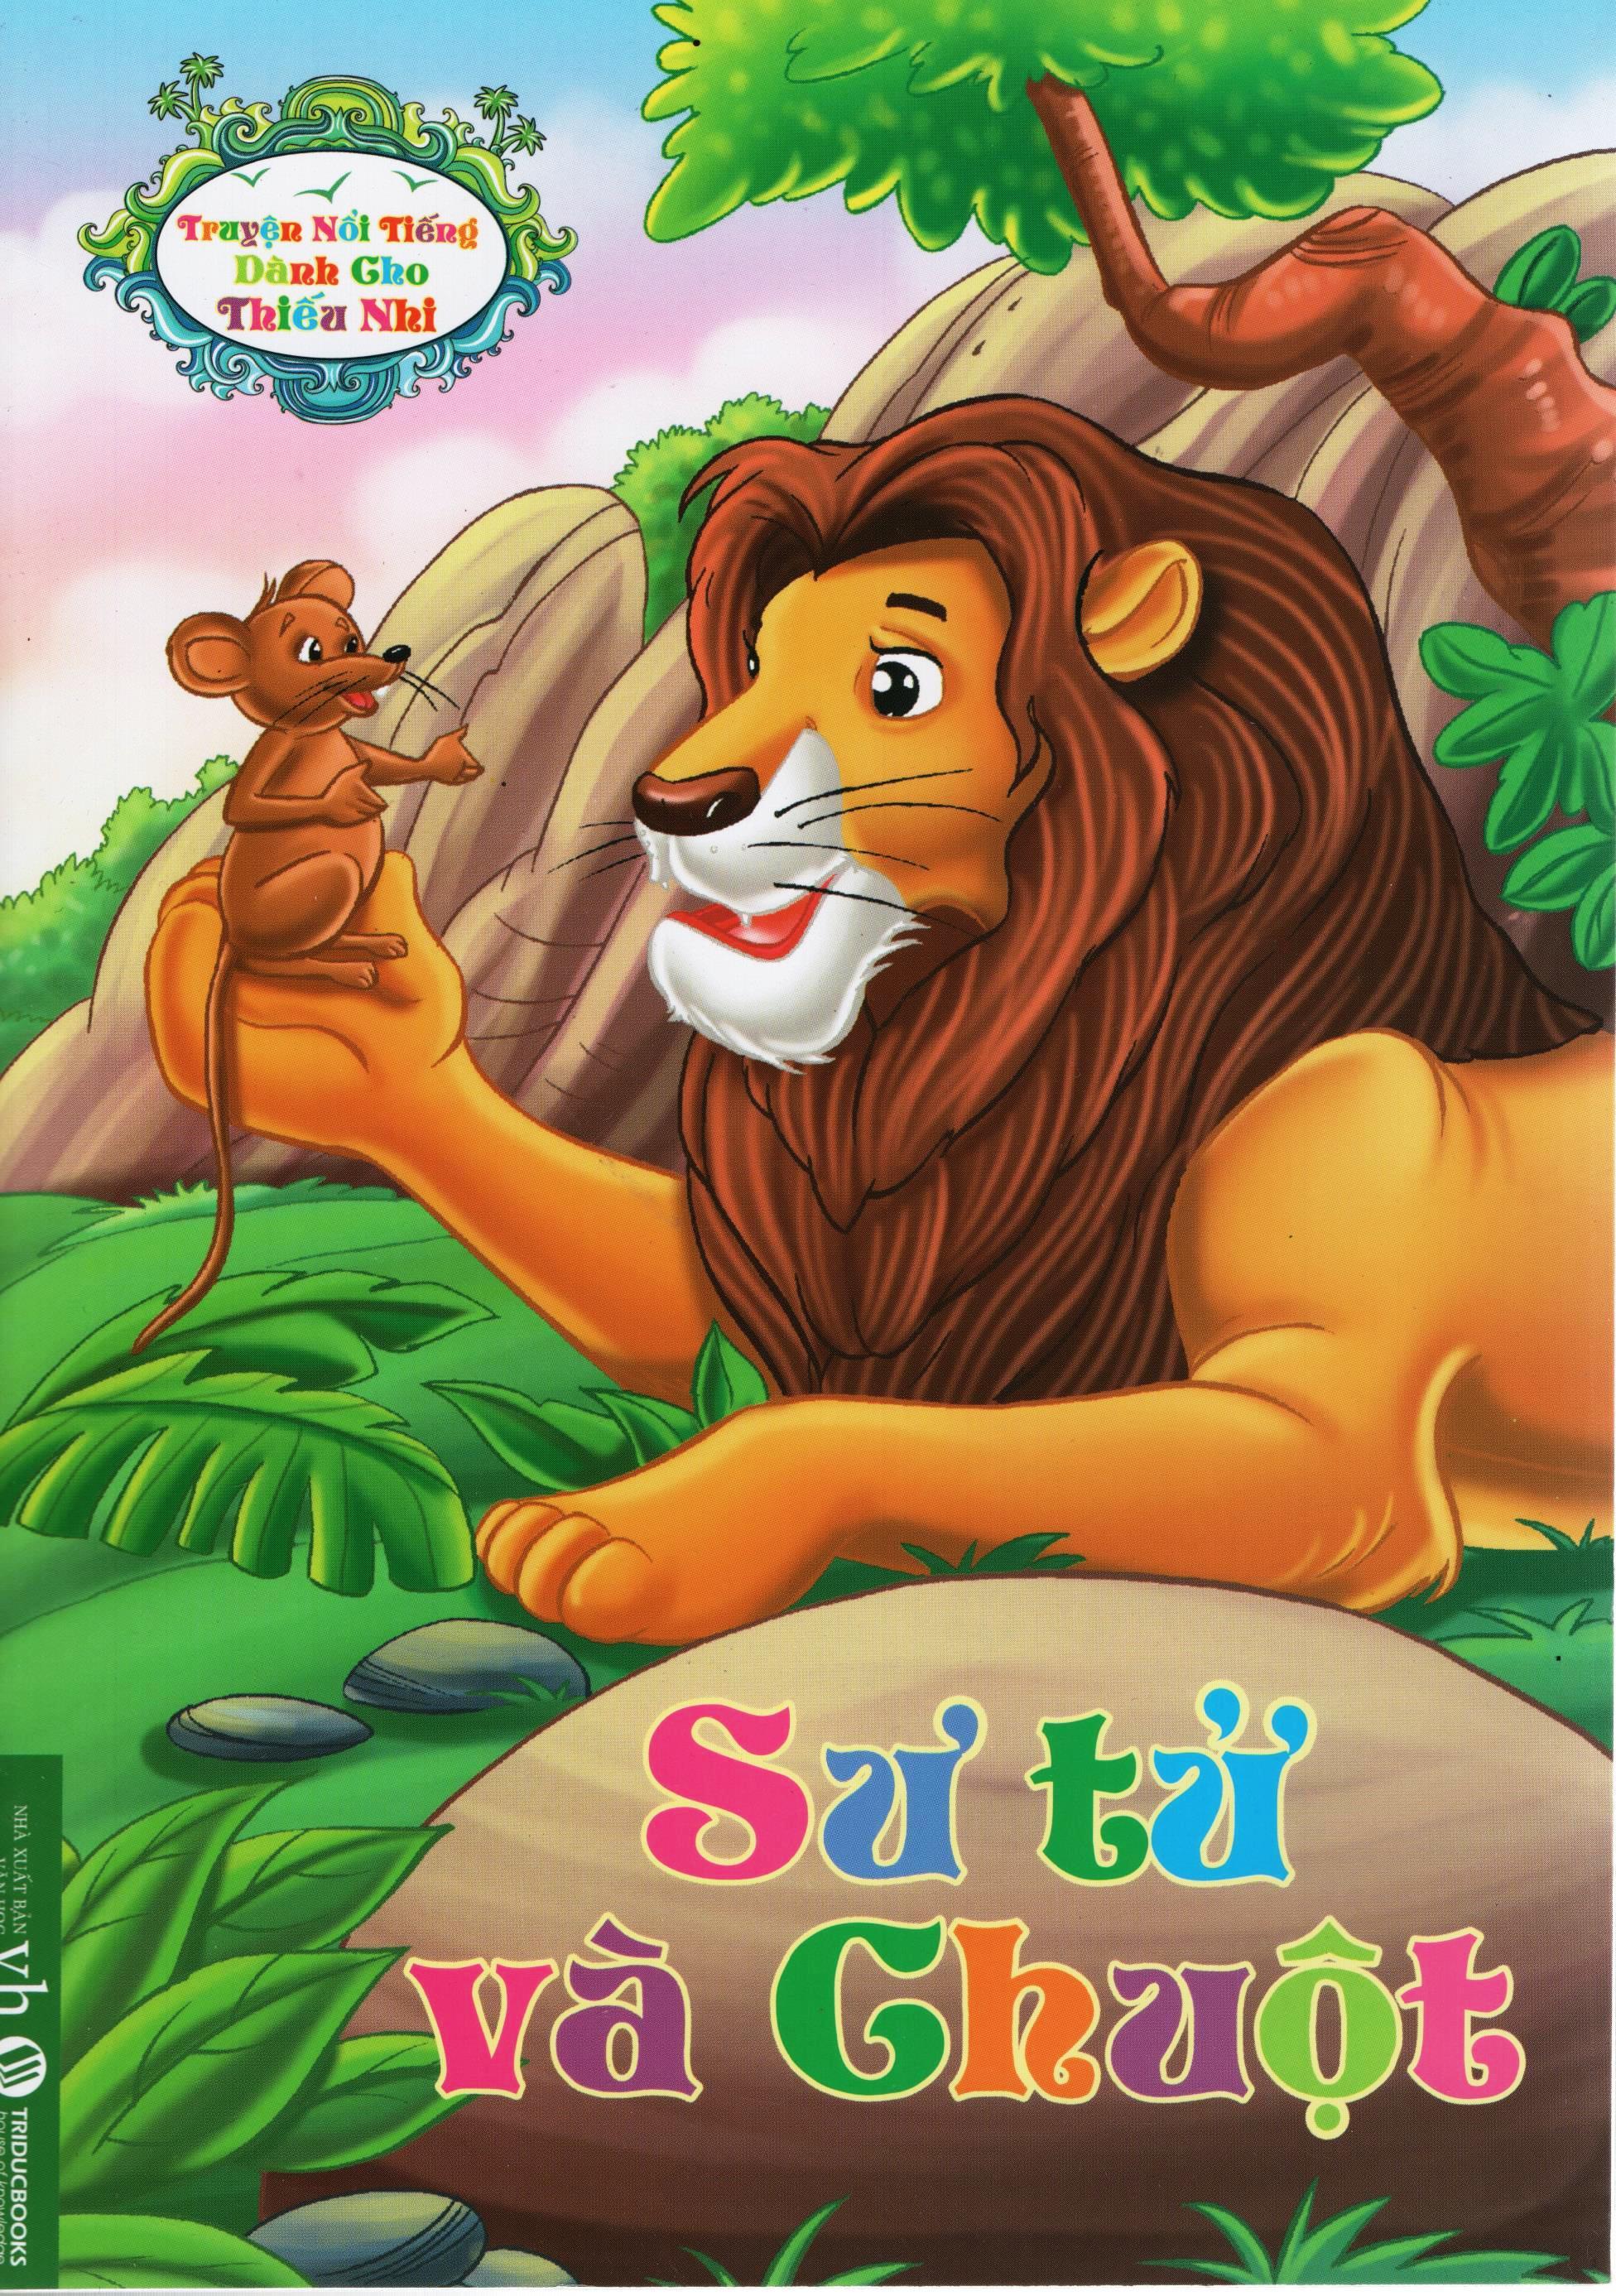 Bìa sách Truyện Nổi Tiếng Dành Cho Thiếu Nhi – Sư Tử Và Chuột